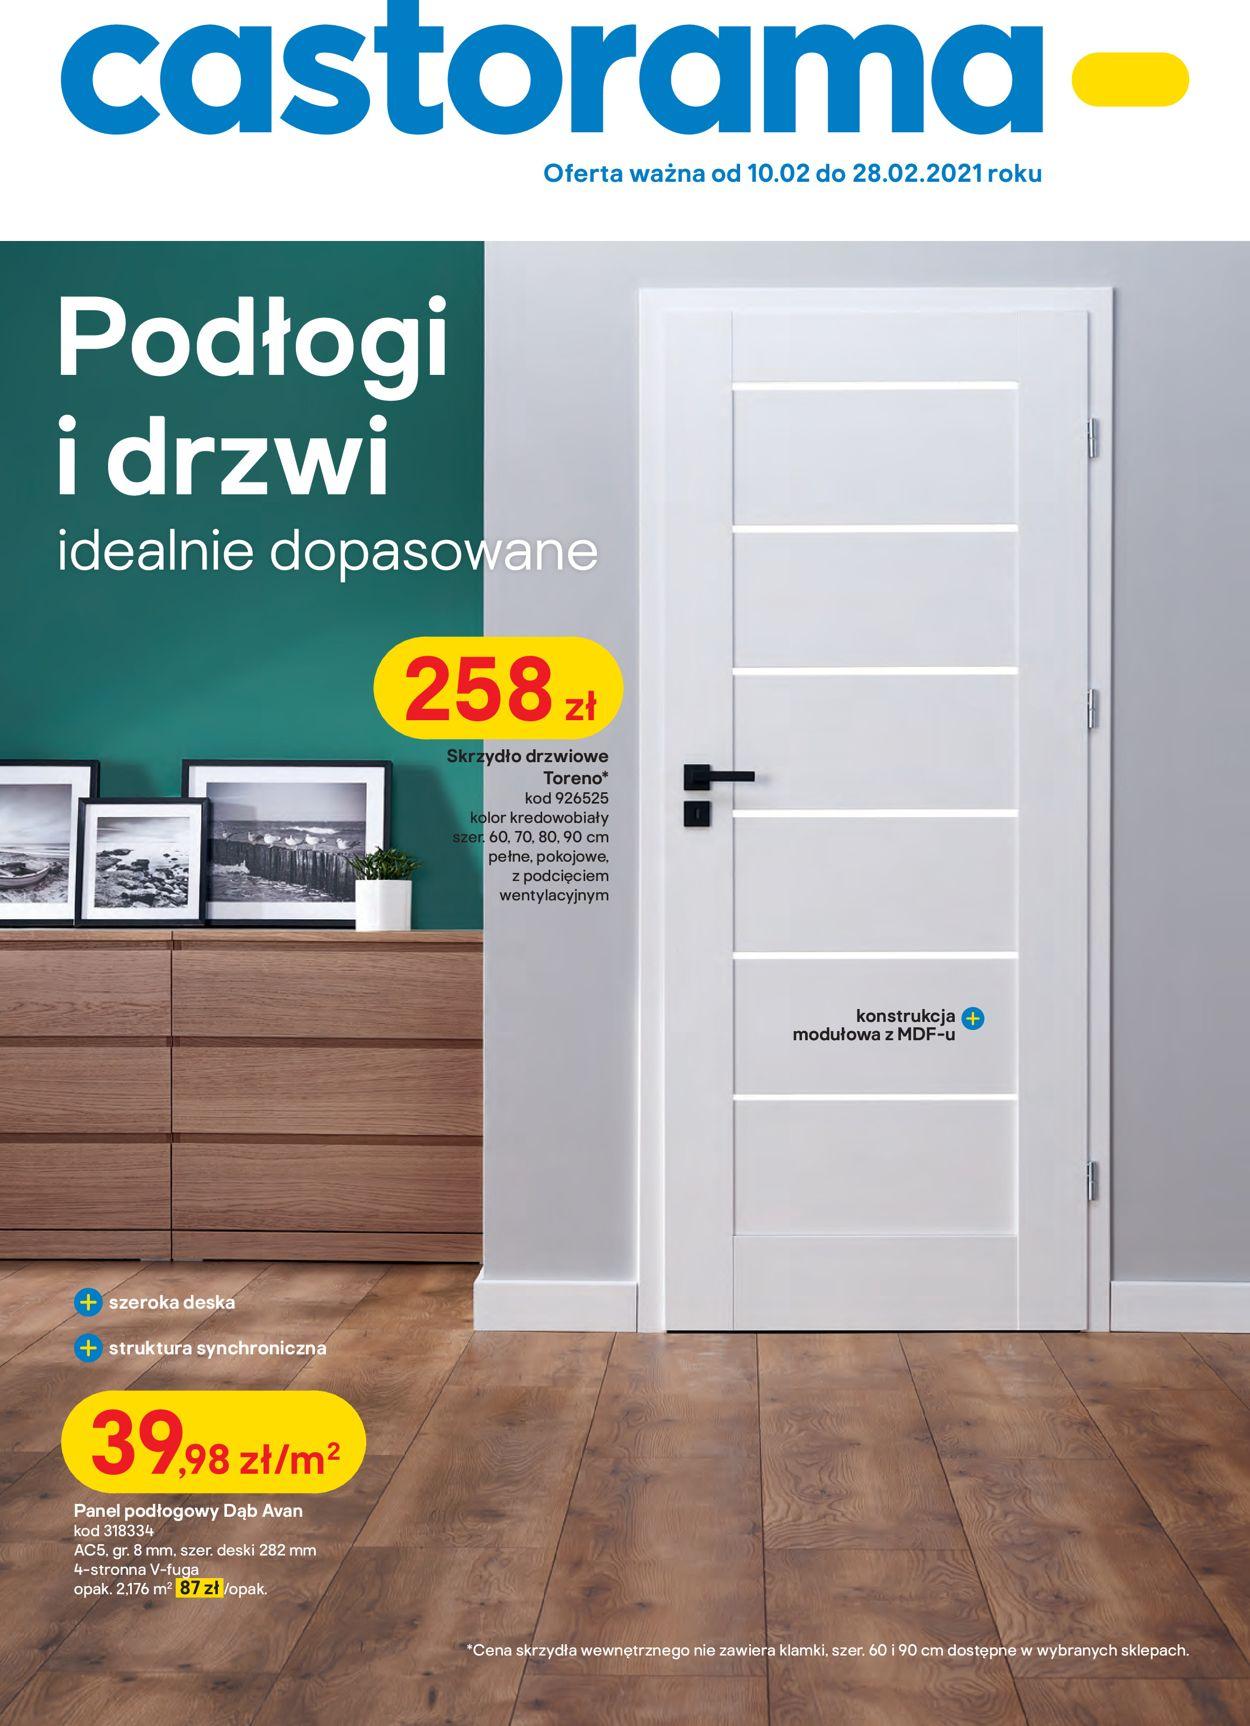 Gazetka promocyjna Castorama - 10.02-28.02.2021